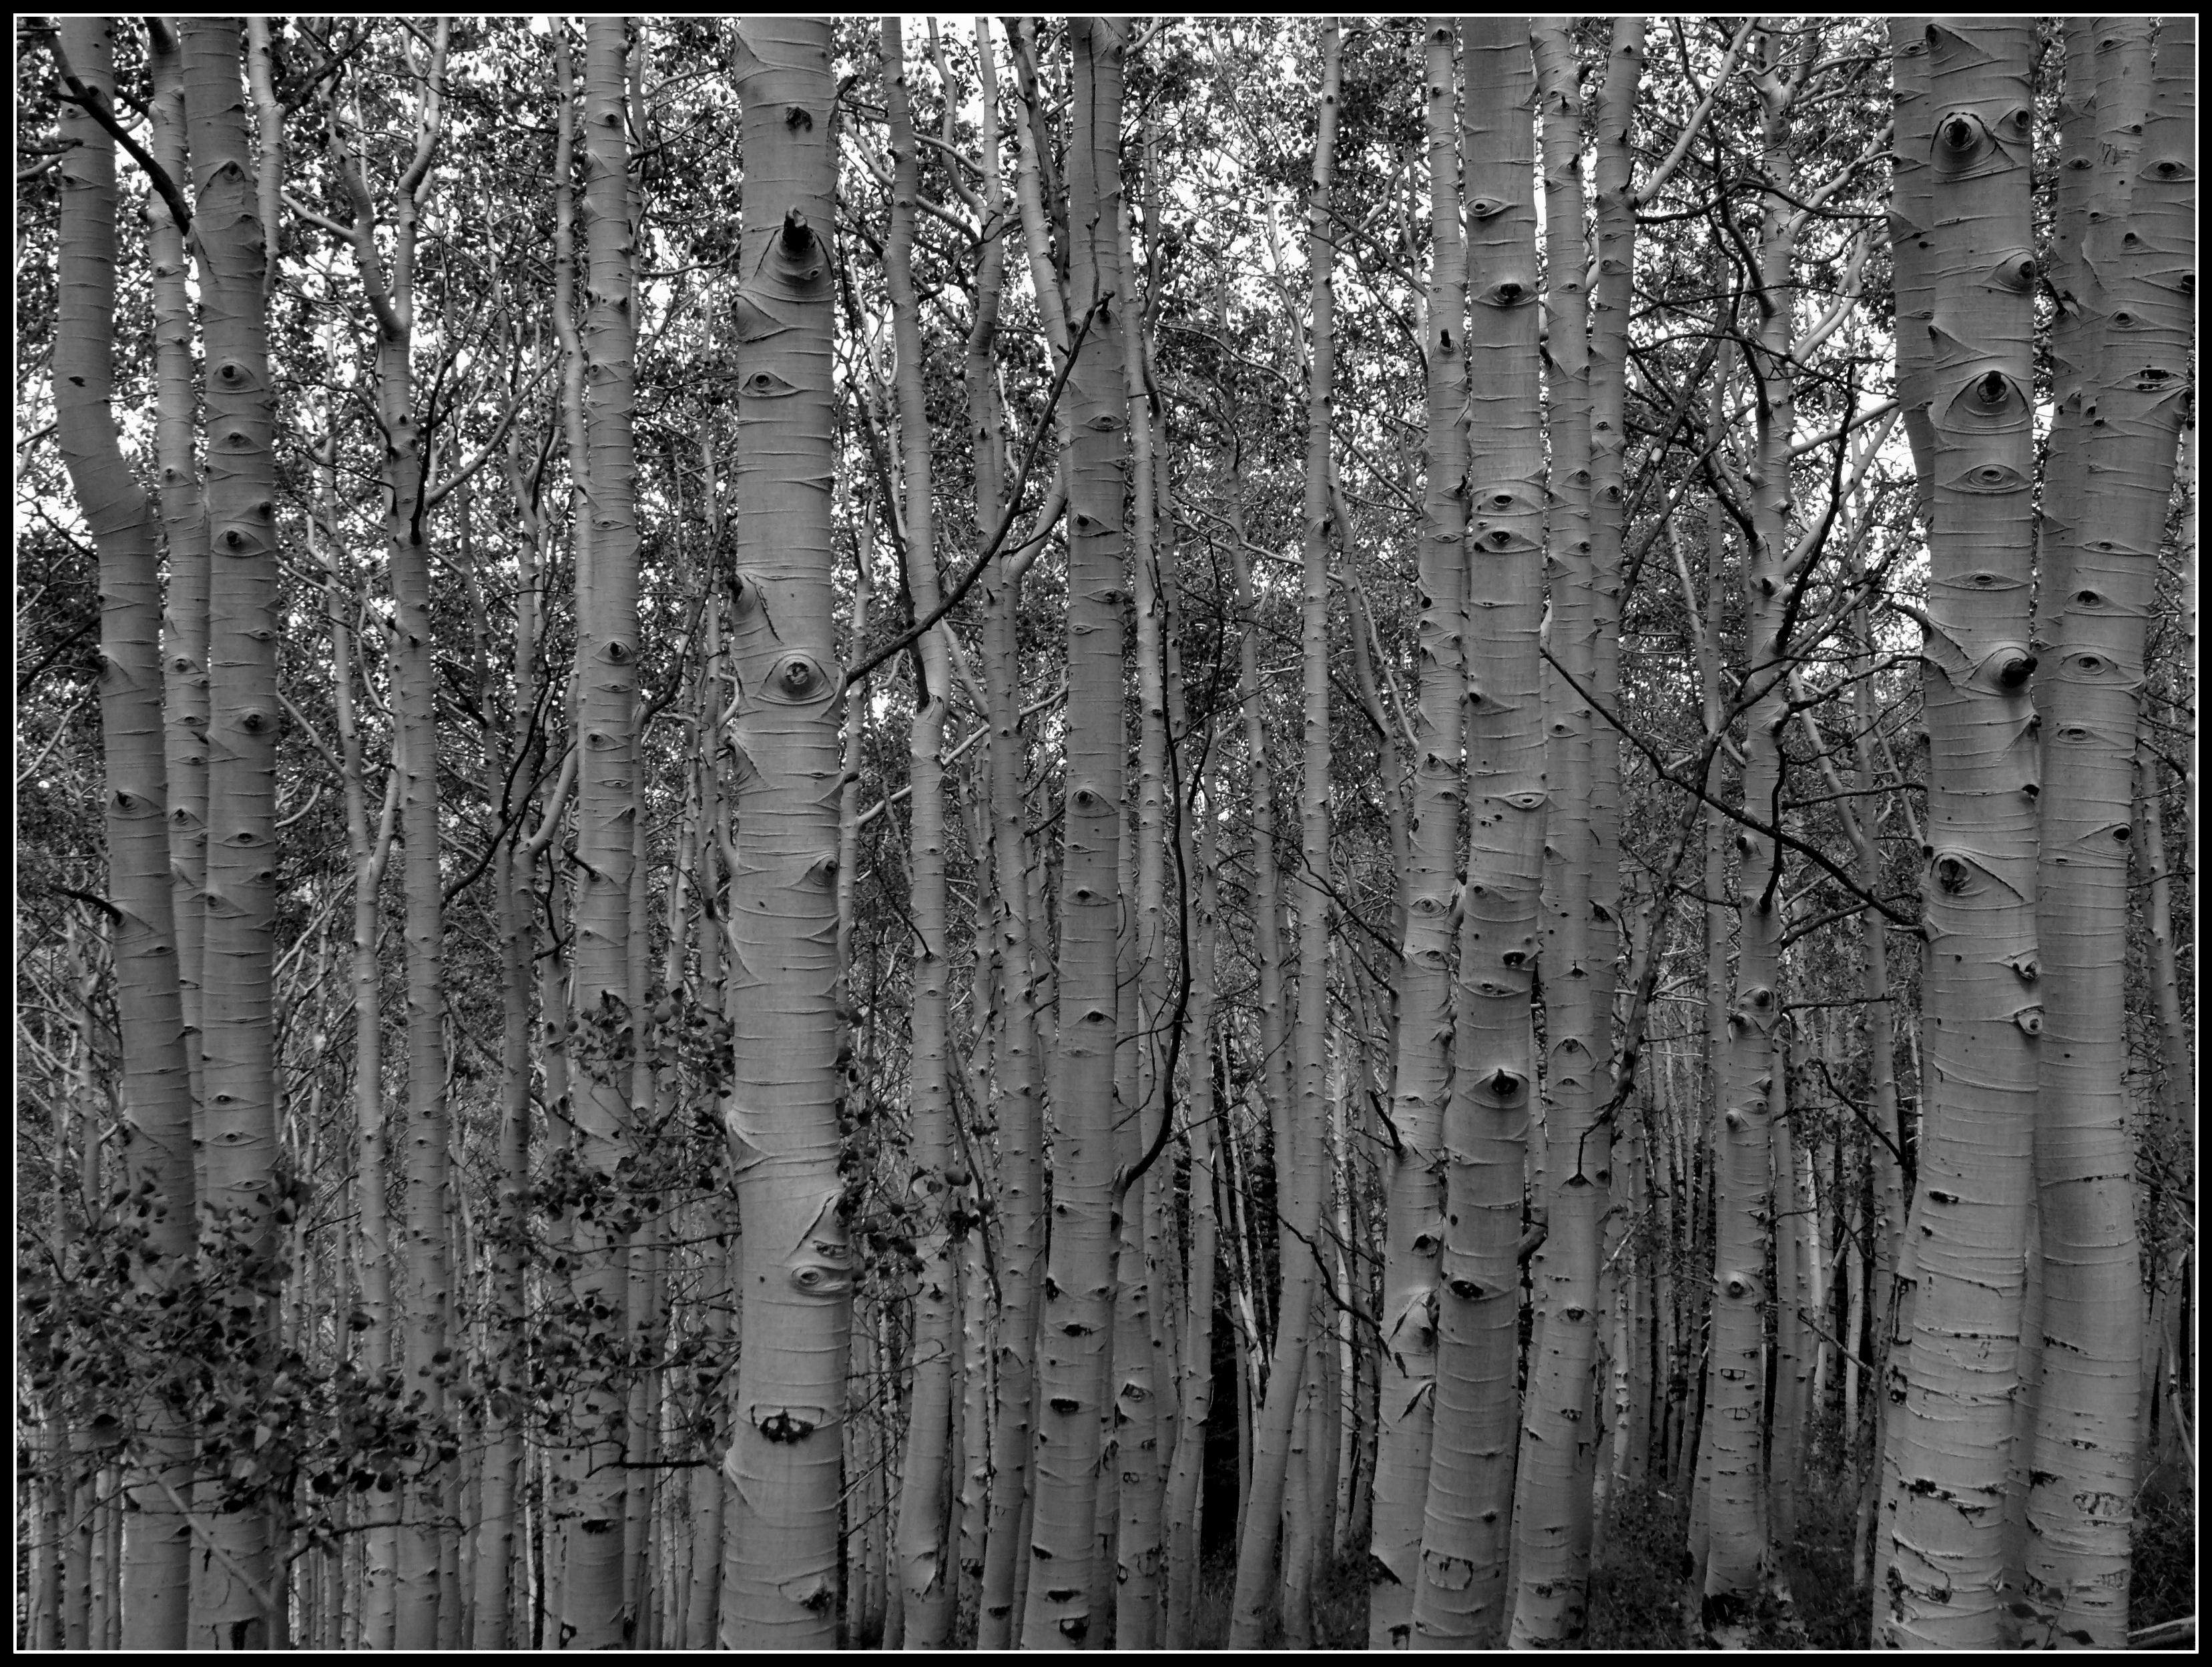 aspen-trunks-bw.jpg